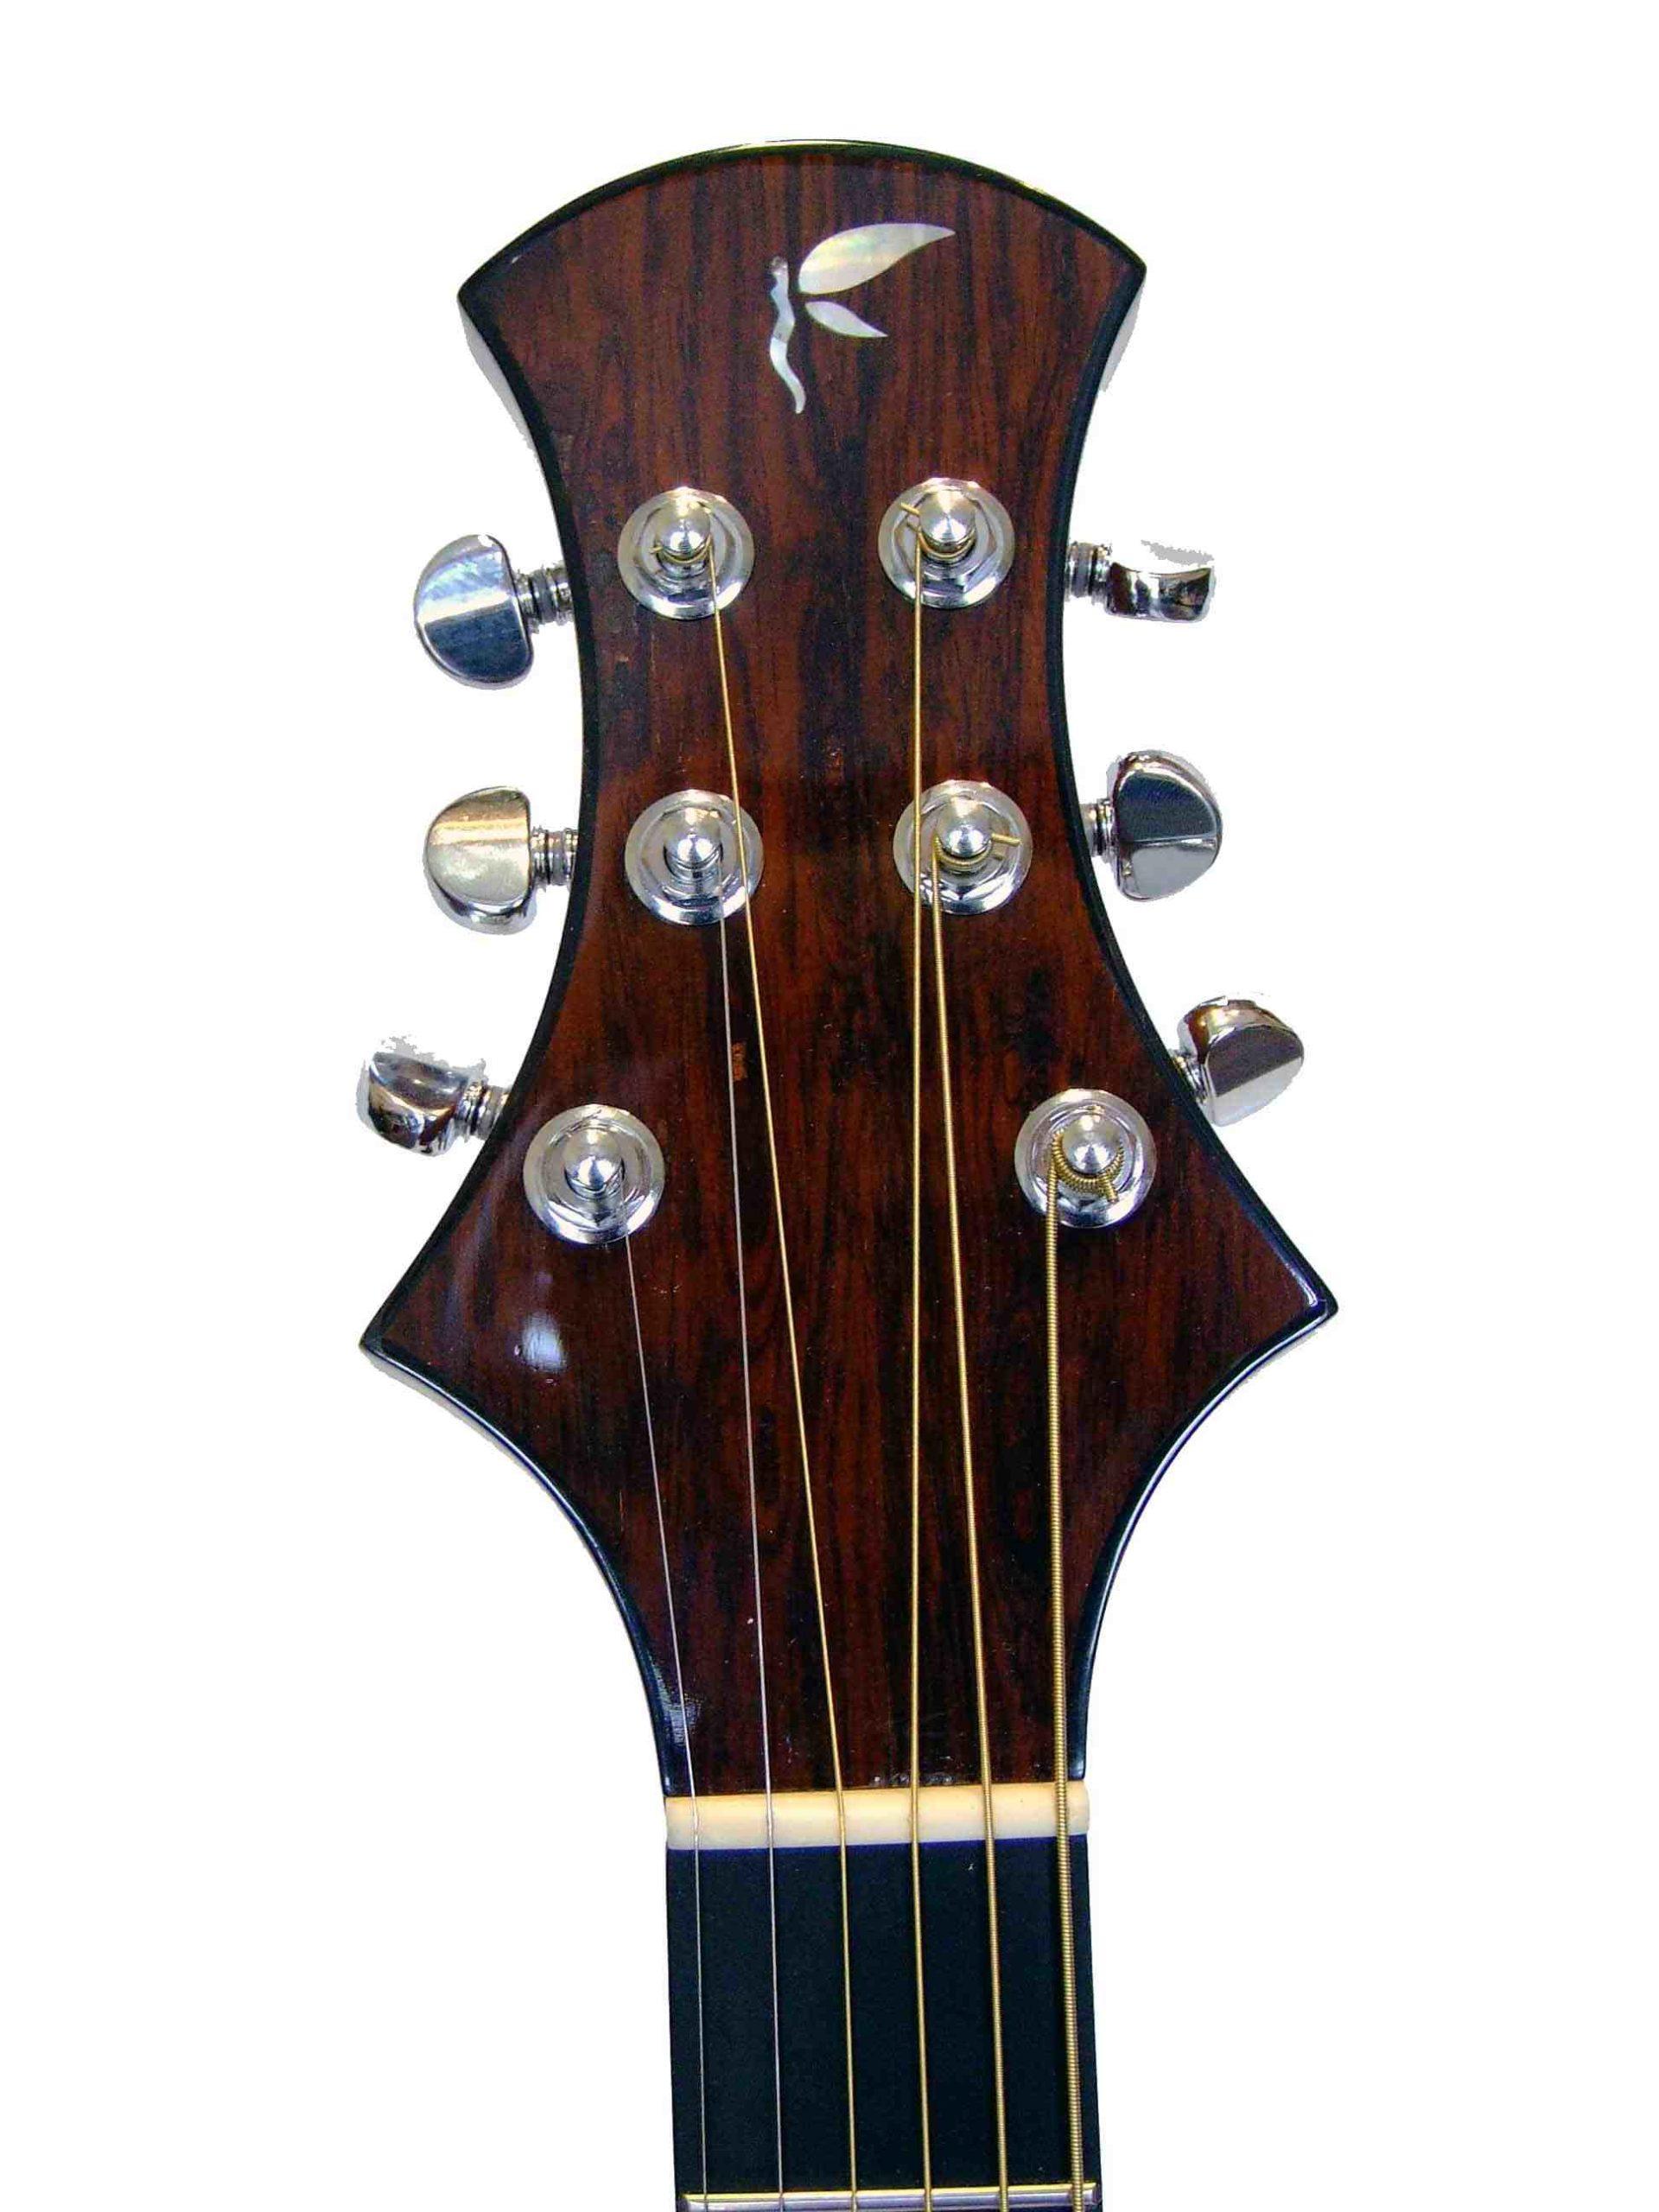 Quand remplacer les cordes d'une guitare folk?